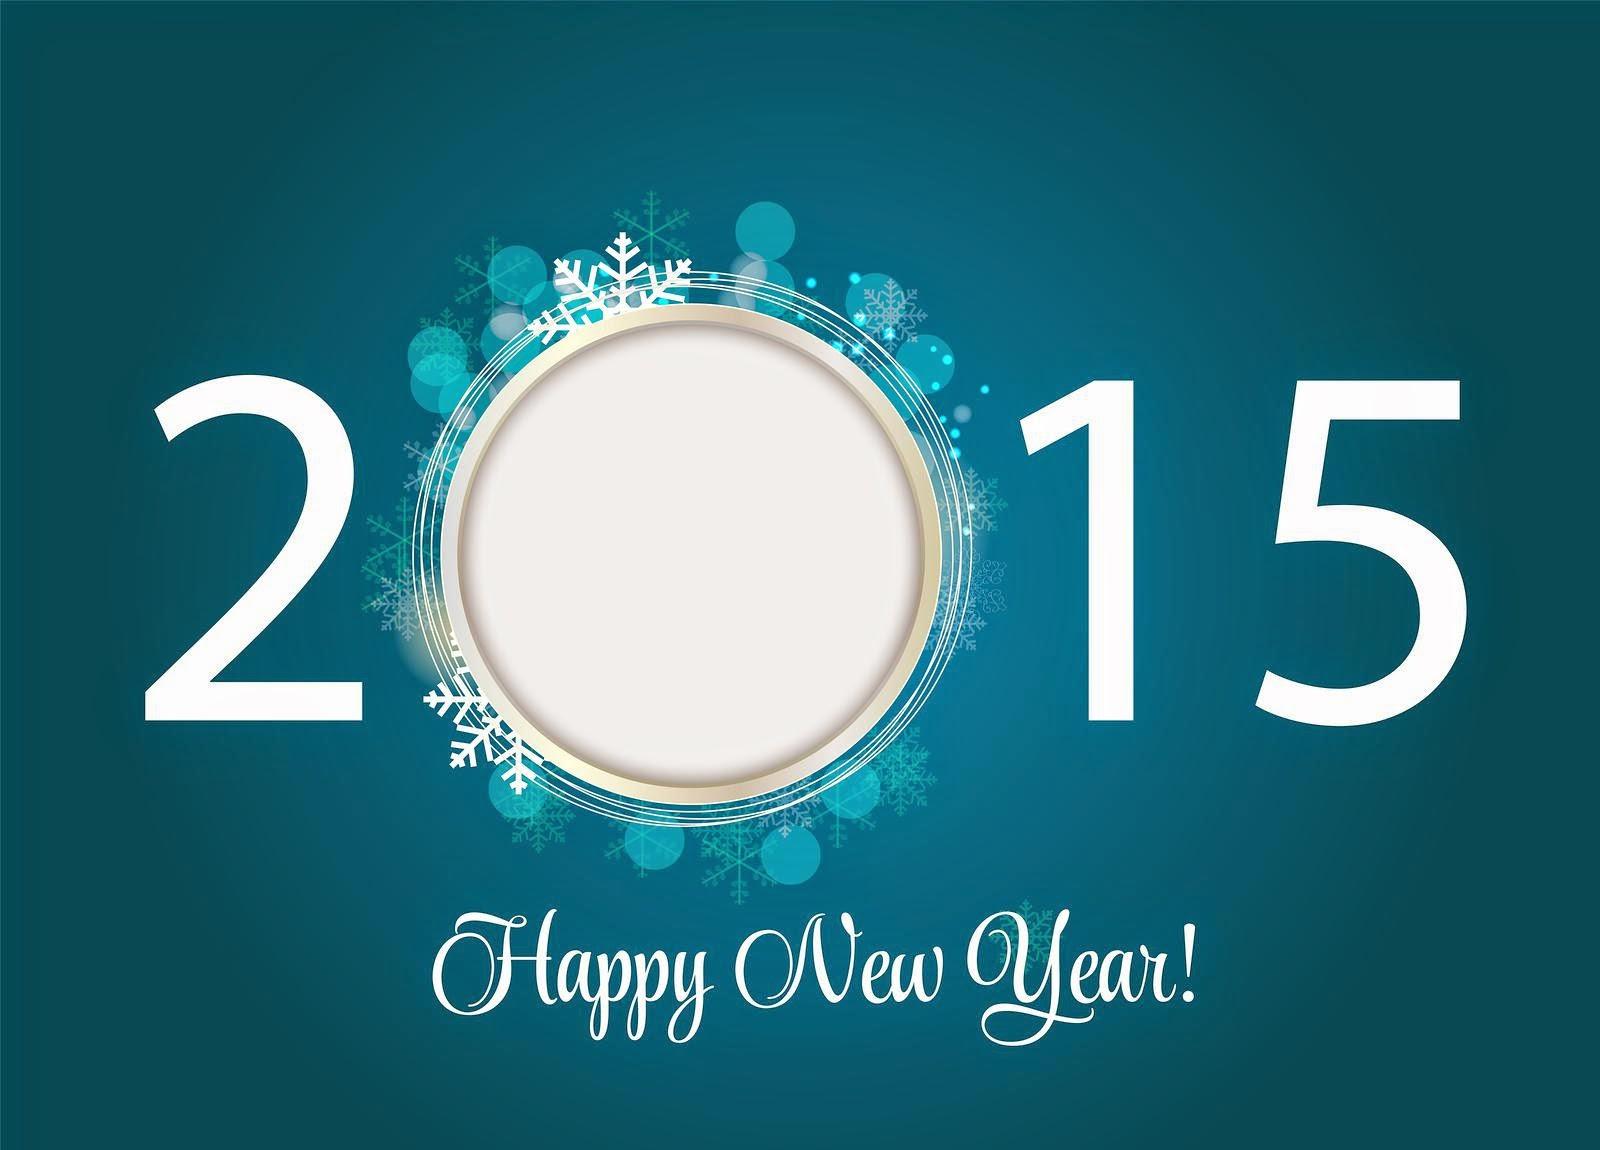 Wallpaper Kartu Ucapan Selamat tahun Baru - Happy New Year 2015